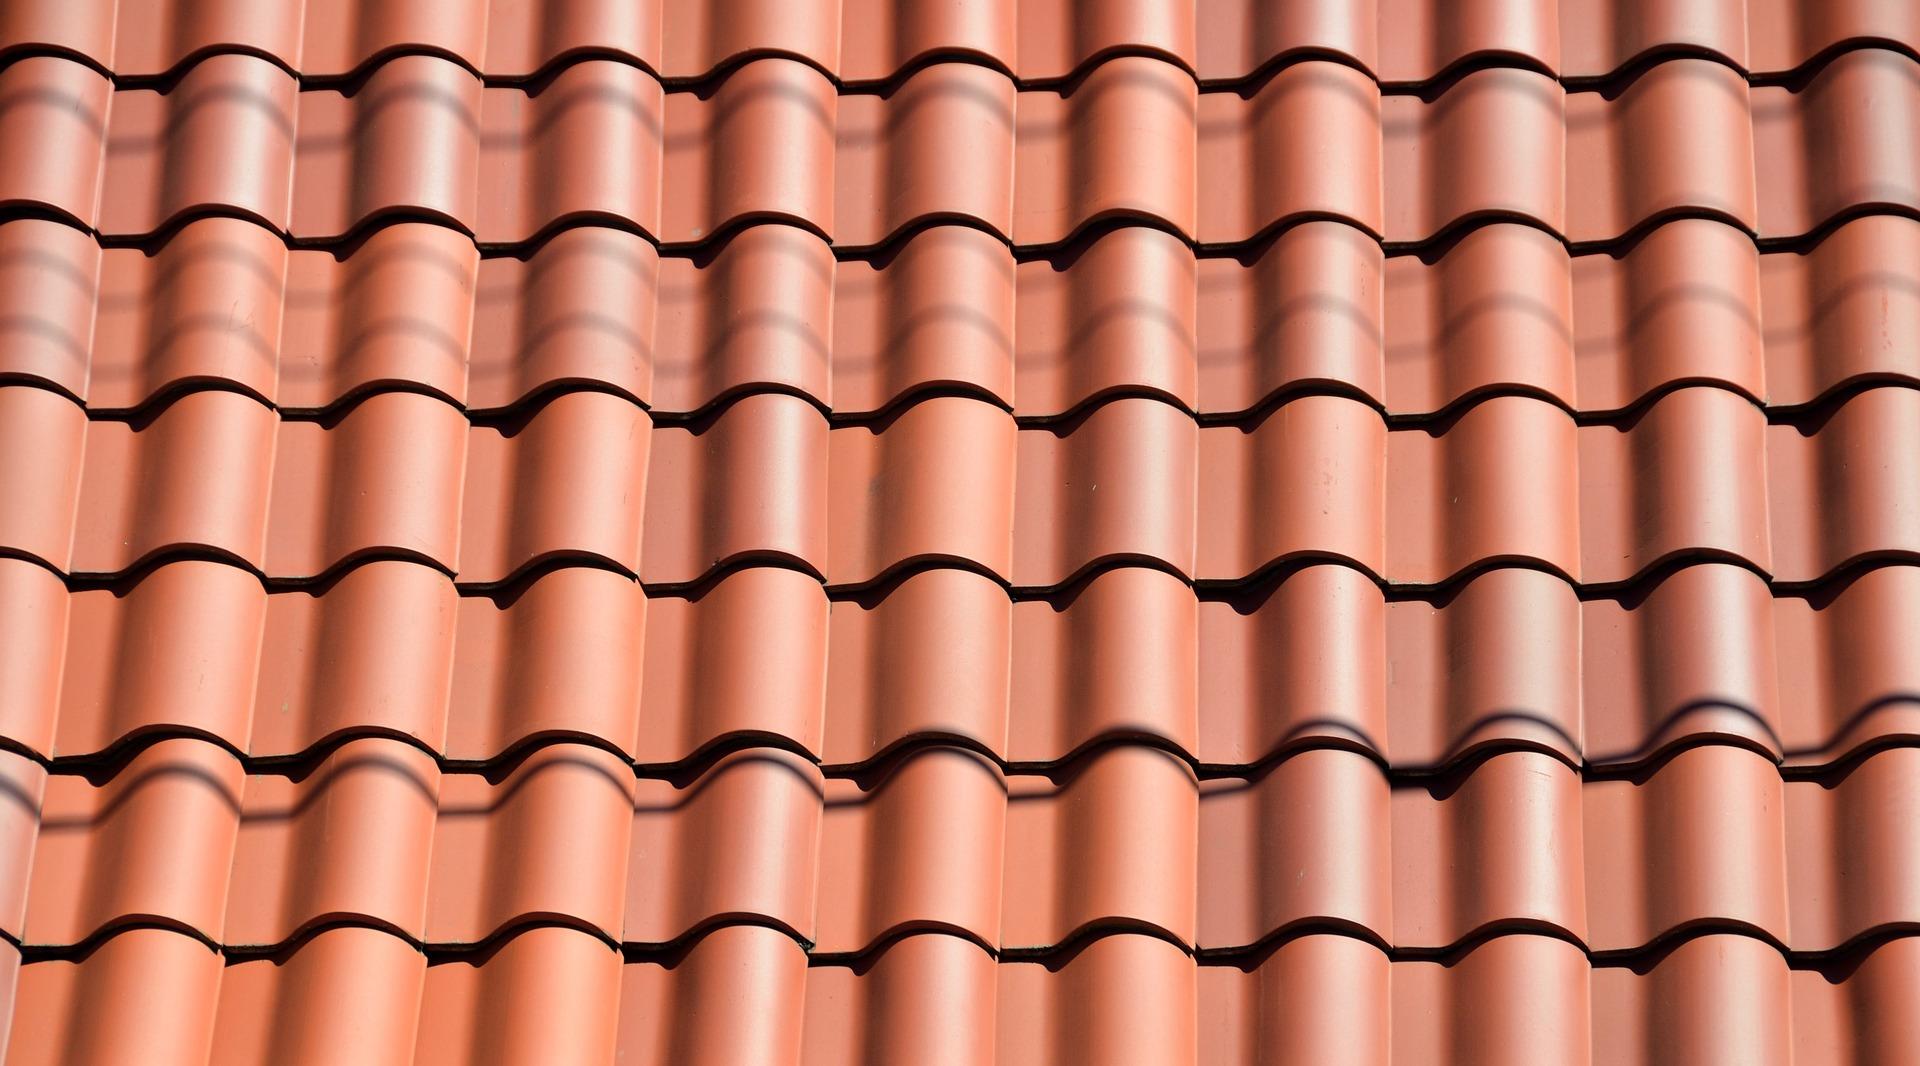 clay-tile-1619863_1920